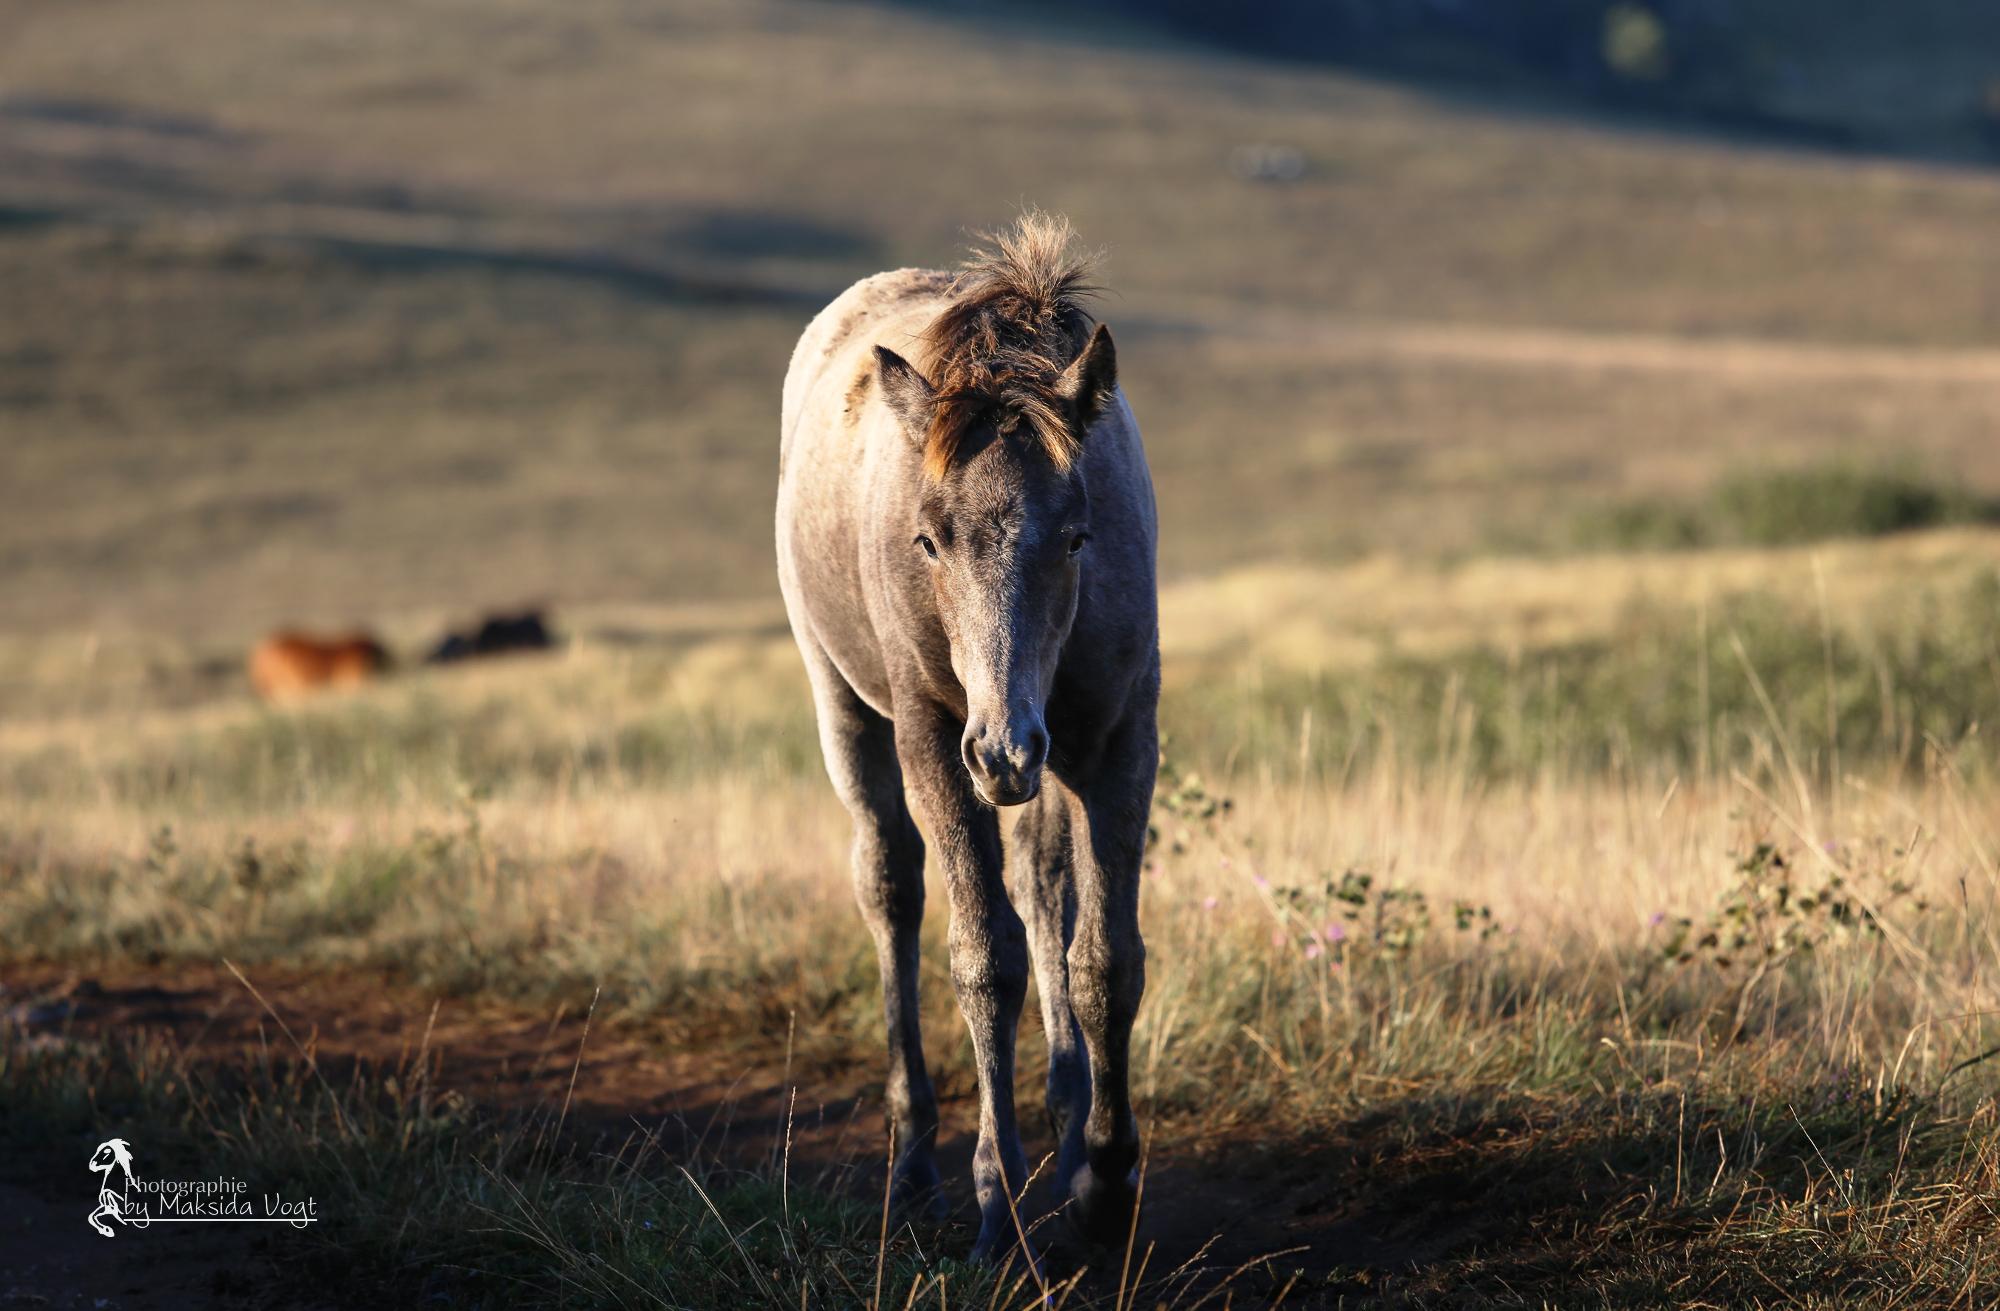 Die Fohlen sind immer in der Nähe ihrer Familien und entfernen sich selten von ihnen. © Maksida Vogt